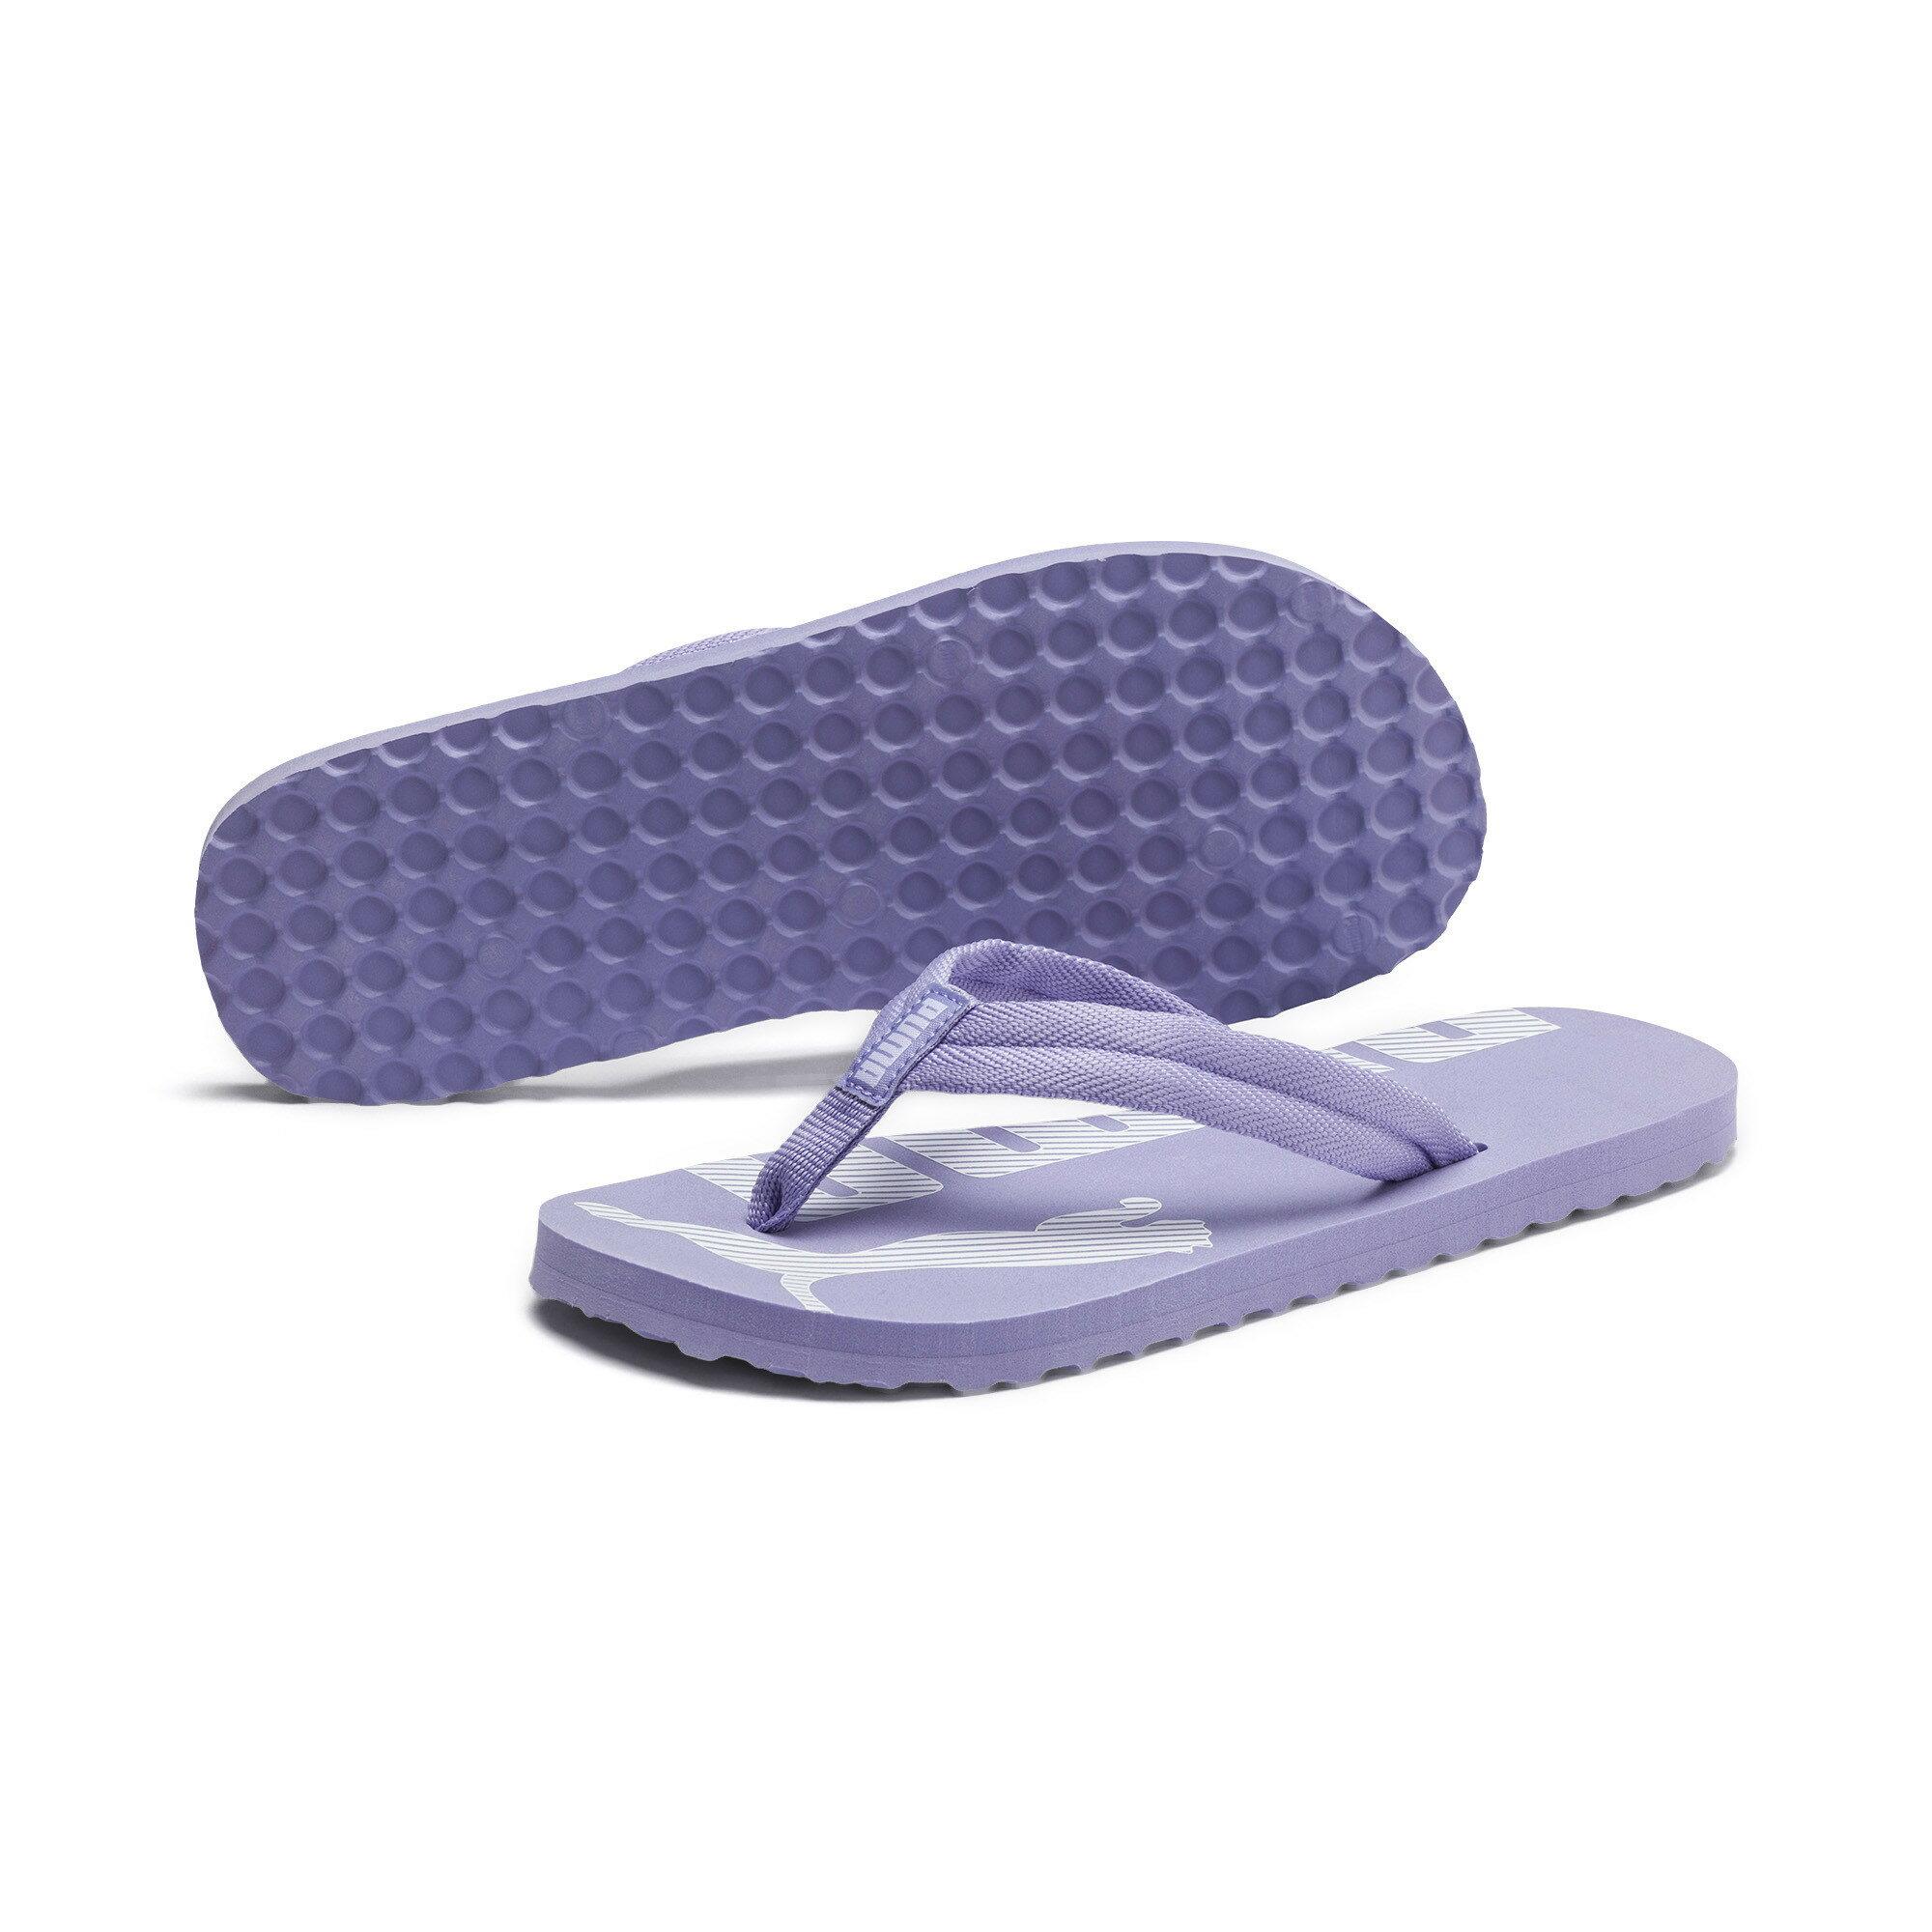 7ba8507ad632 Official Puma Store  PUMA Epic Flip v2 Sandals